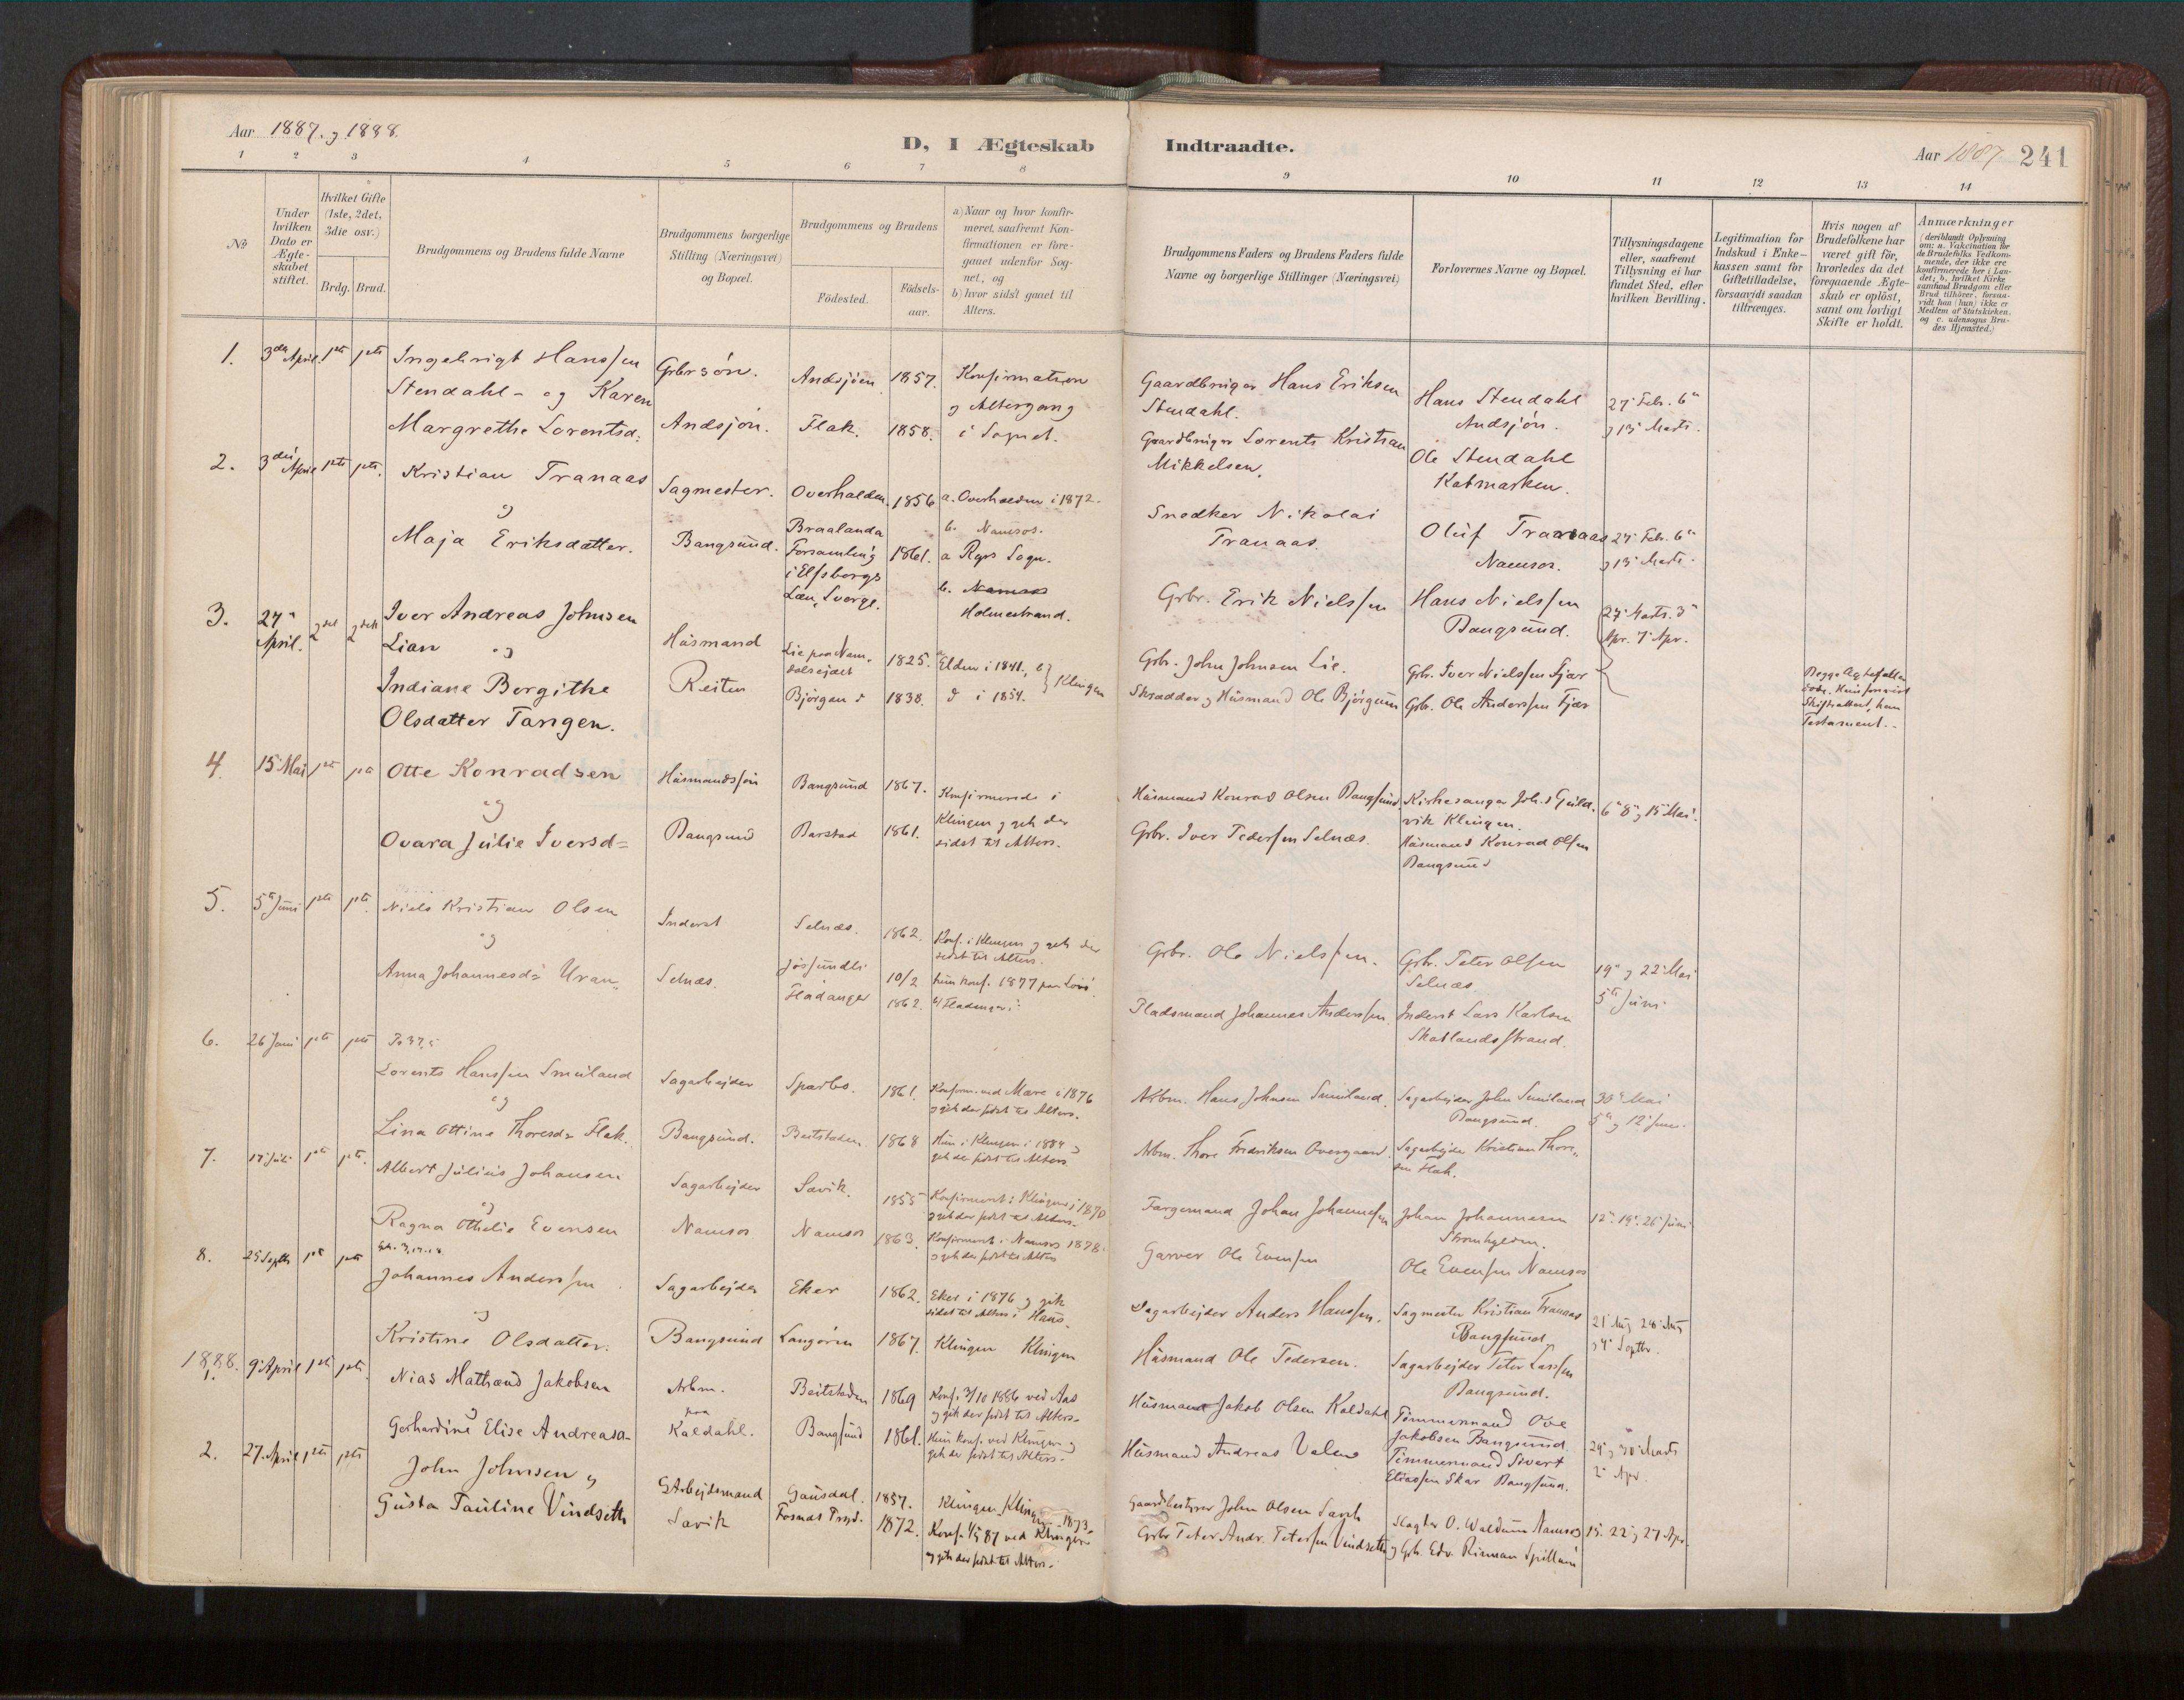 SAT, Ministerialprotokoller, klokkerbøker og fødselsregistre - Nord-Trøndelag, 770/L0589: Ministerialbok nr. 770A03, 1887-1929, s. 241